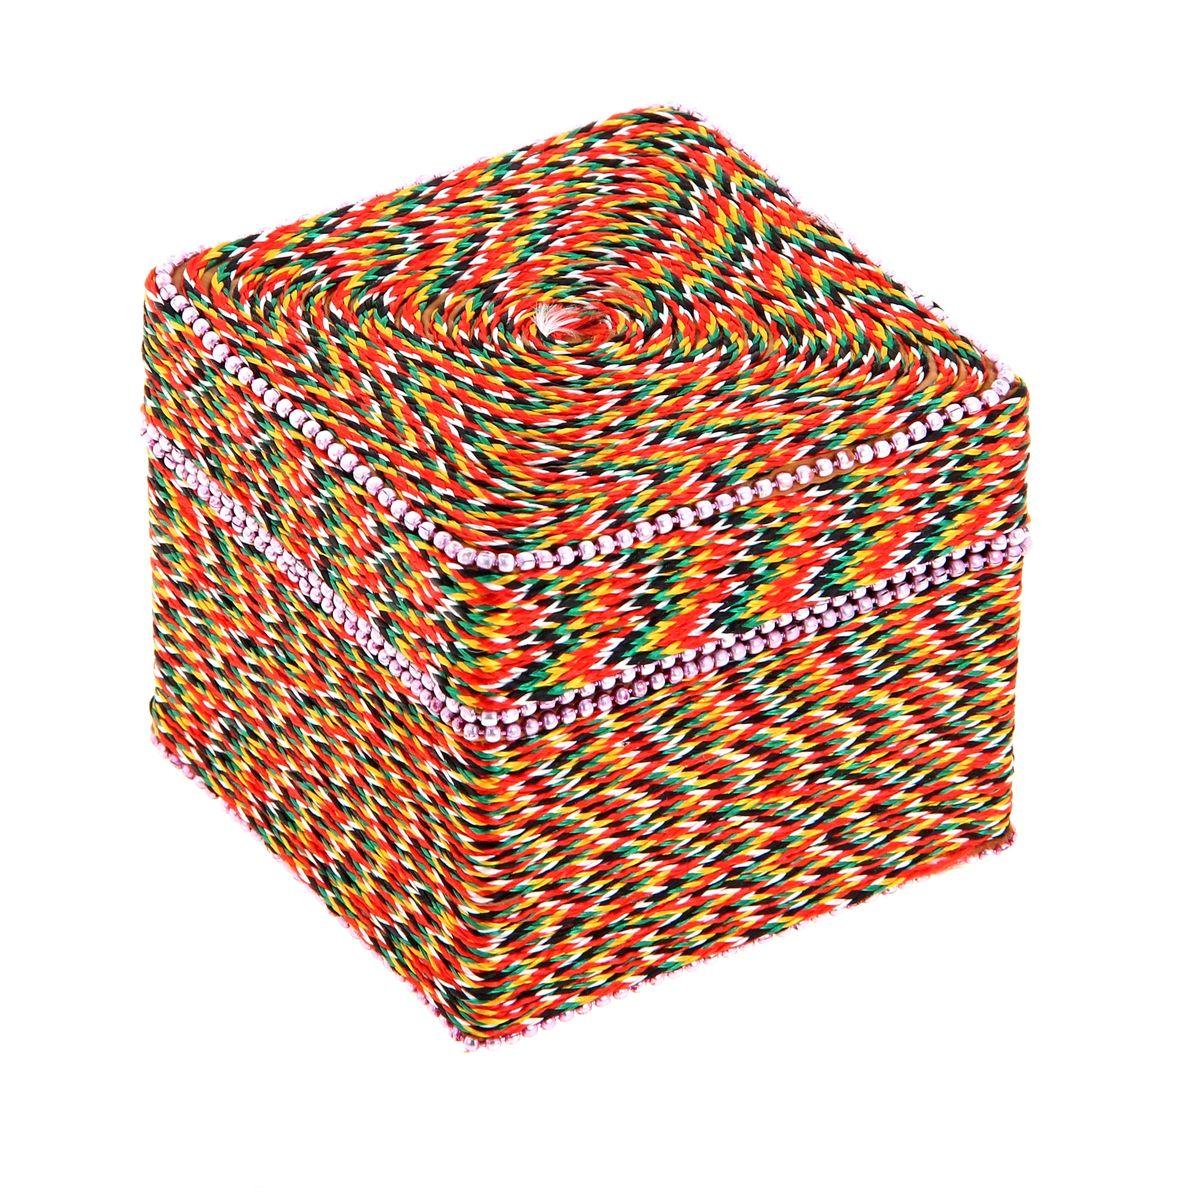 Шкатулка Sima-land Тесьма, 8 х 8 х 7 см877474Шкатулка Sima-land Тесьма выполнена из высококачественного МДФ. Снаружи шкатулка декорирована разноцветным шнурком. Внутри одно большое отделение. Разве может истинная ценительница украшений остаться равнодушной при виде такой эффектной шкатулки? Ее сразу хочется наполнить различными аксессуарами, ювелирными украшениями и красивой бижутерией. Тогда вперед, заполните до краев эту индийскую вещицу!